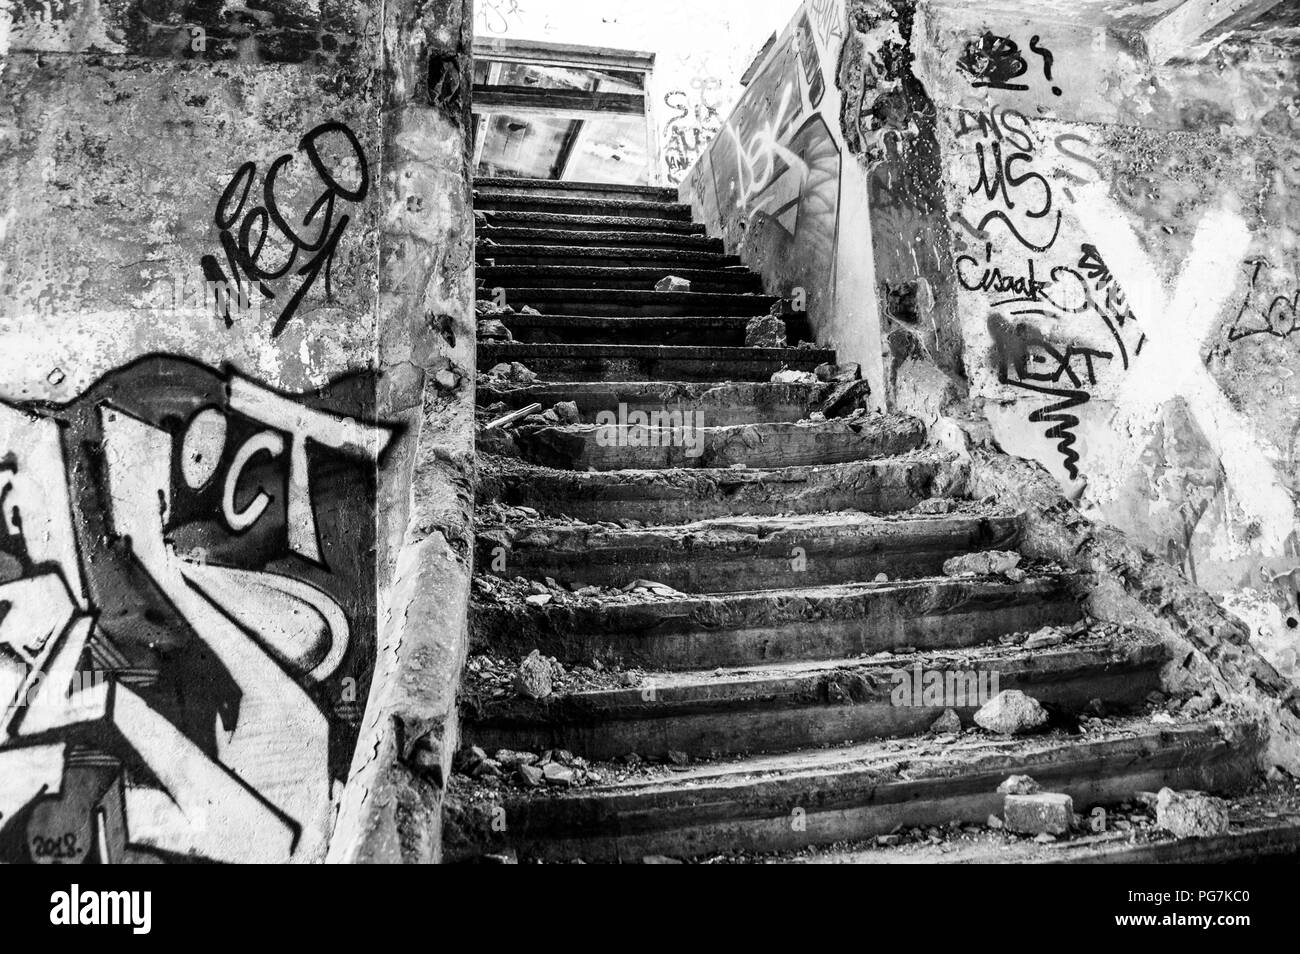 Escalera en el edificio abandonado, huelen como confusión, desolación y shanytown. Foto de stock